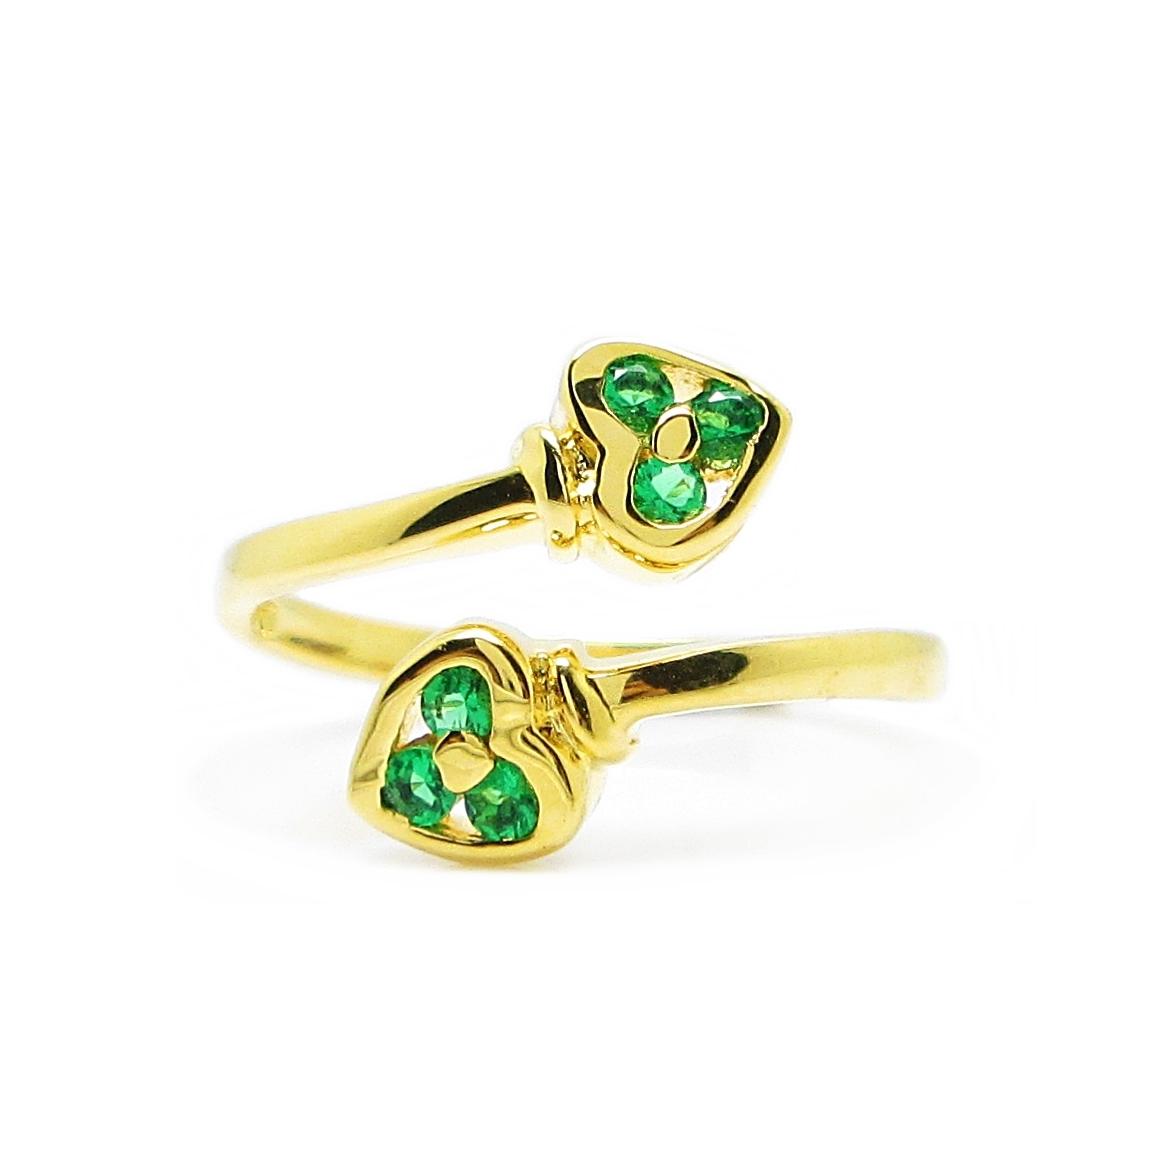 แหวนฟรีไซส์หัวใจประดับพลอยมรกตชุบทอง